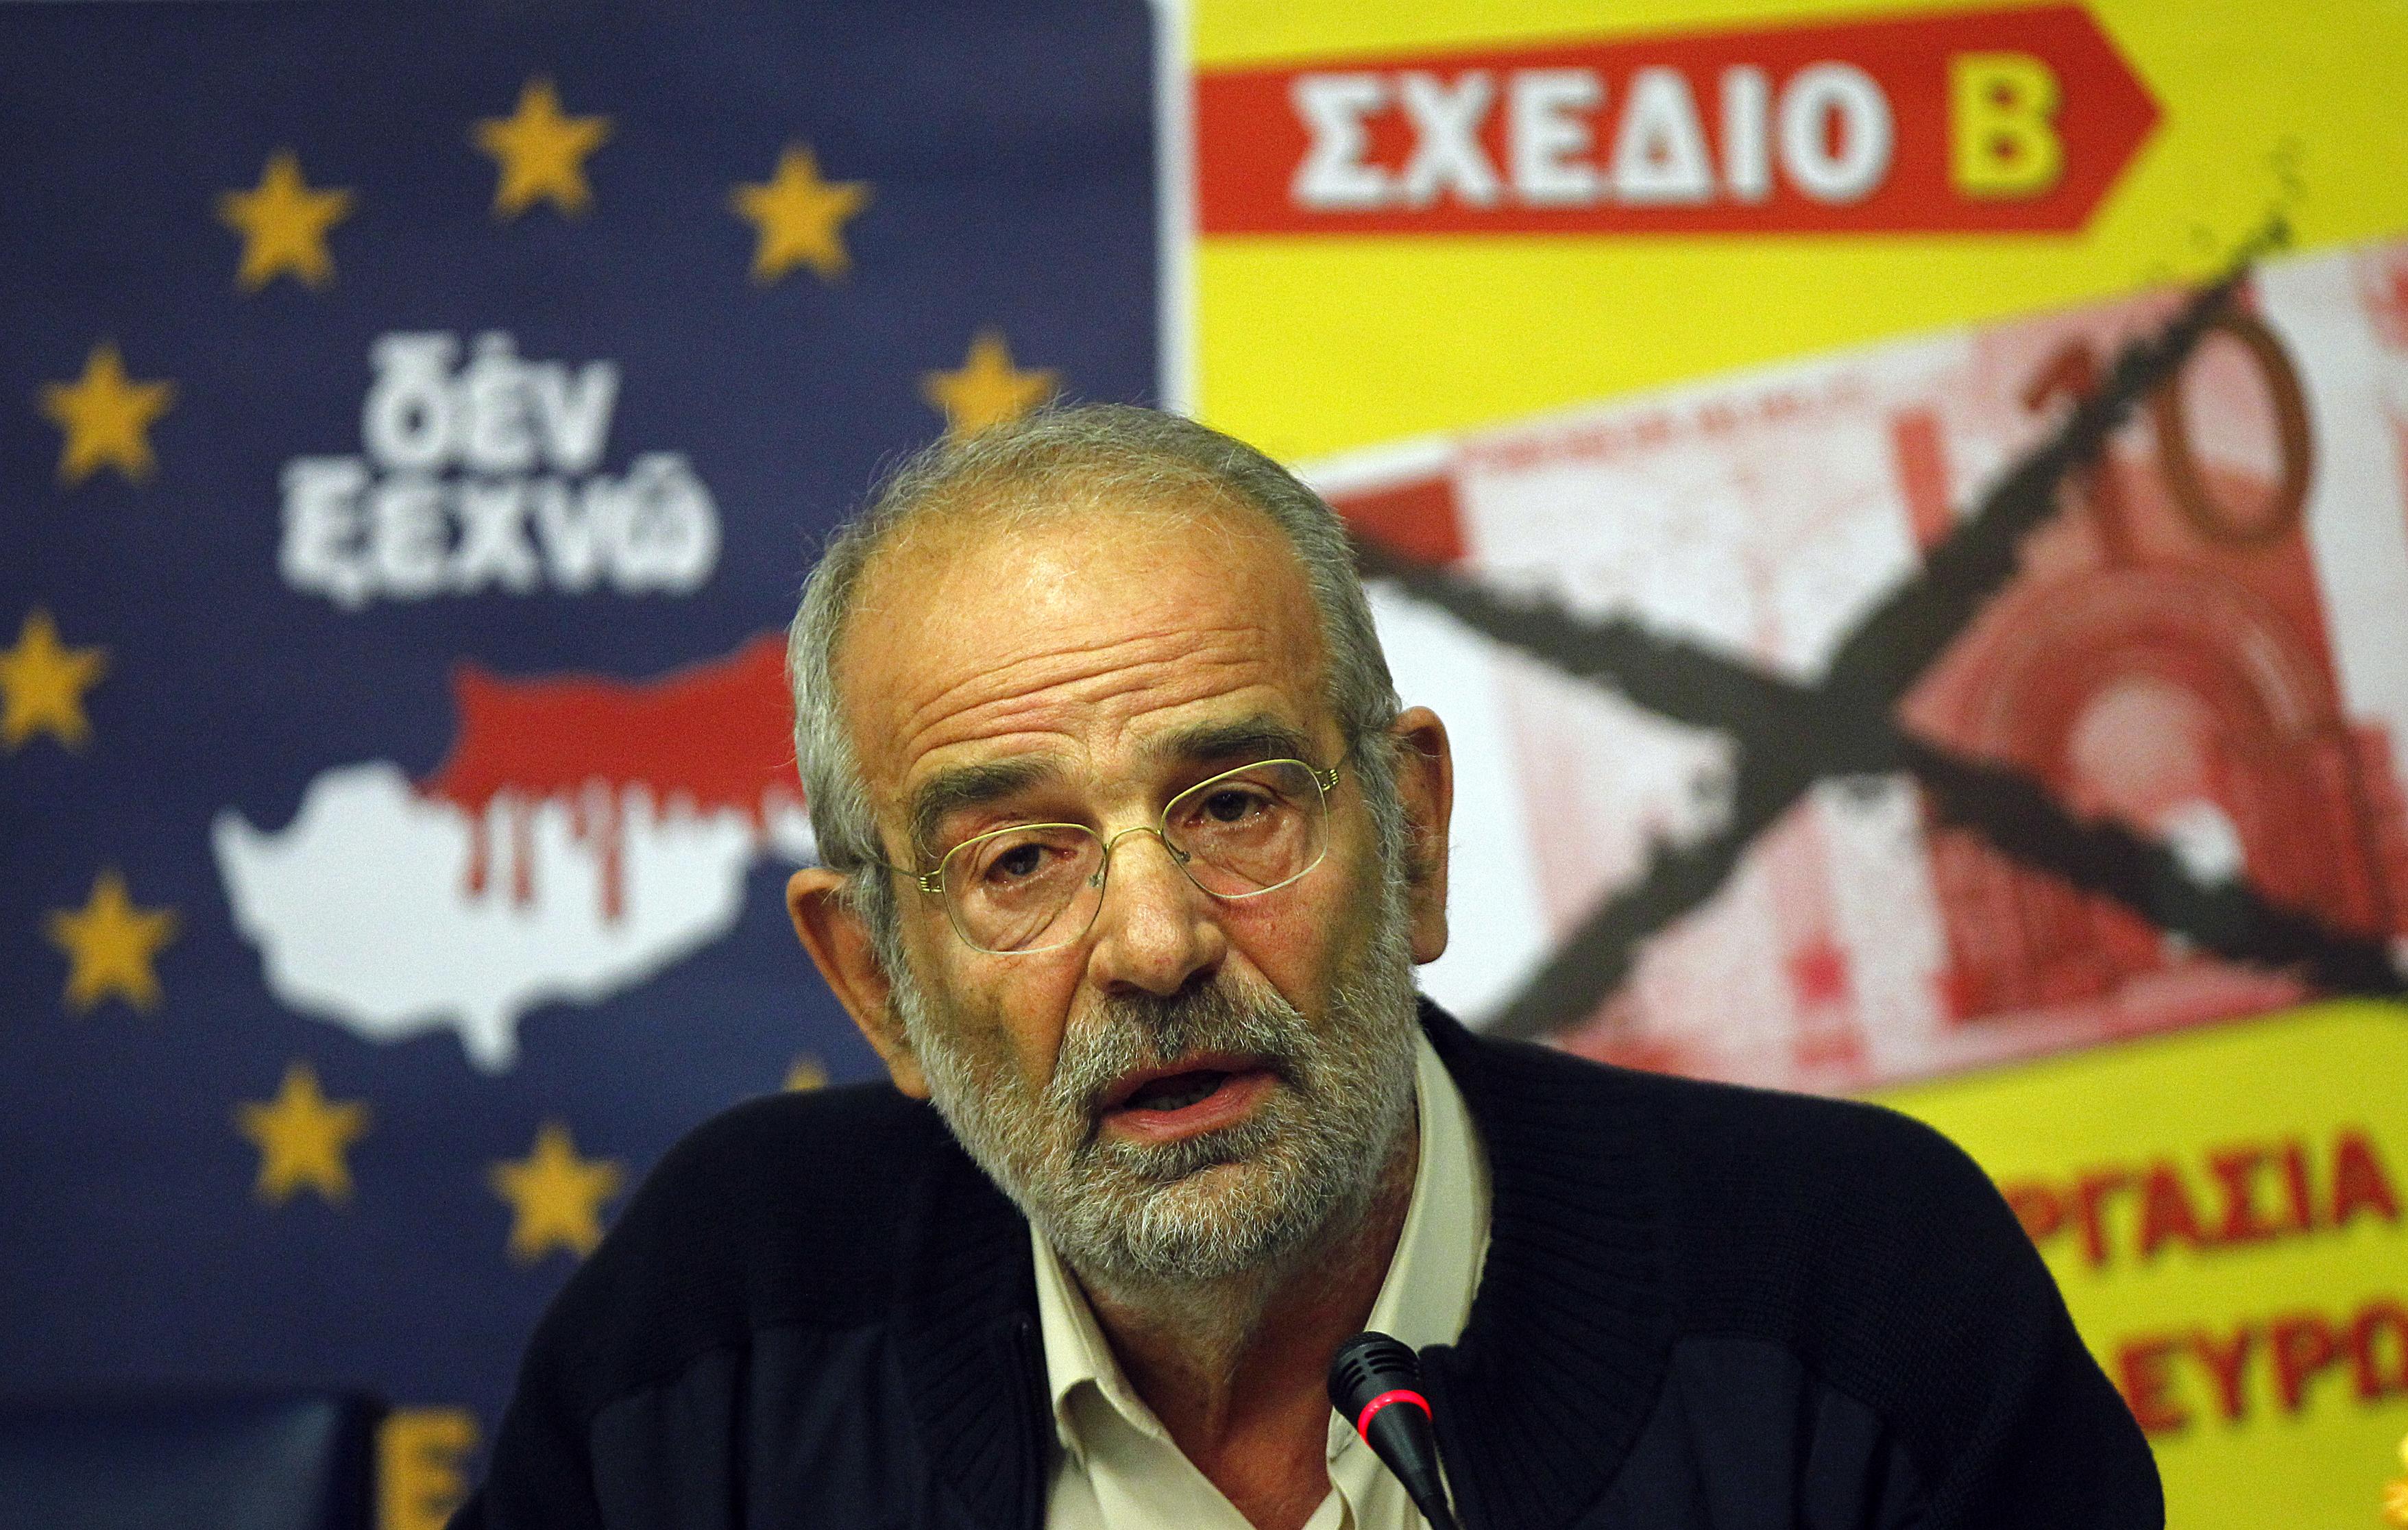 Σχέδιο Β: «Το ΔΝΤ παραδέχεται ότι η διάσωση της Ελλάδας περνάει από την αποχώρησή της από την Ευρωζώνη» | tovima.gr